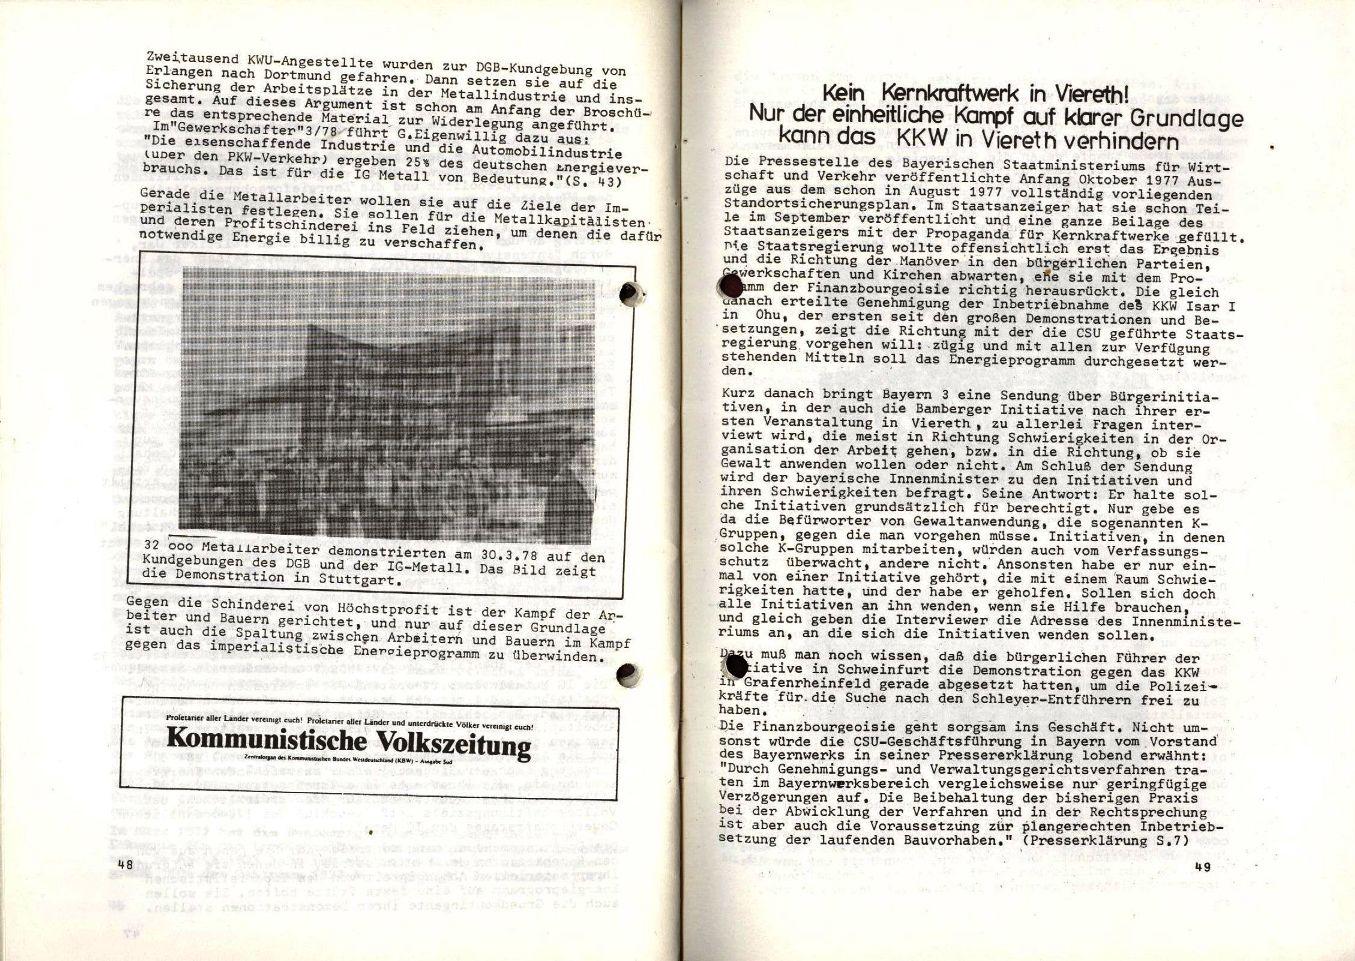 KBW_Mittelfranken058